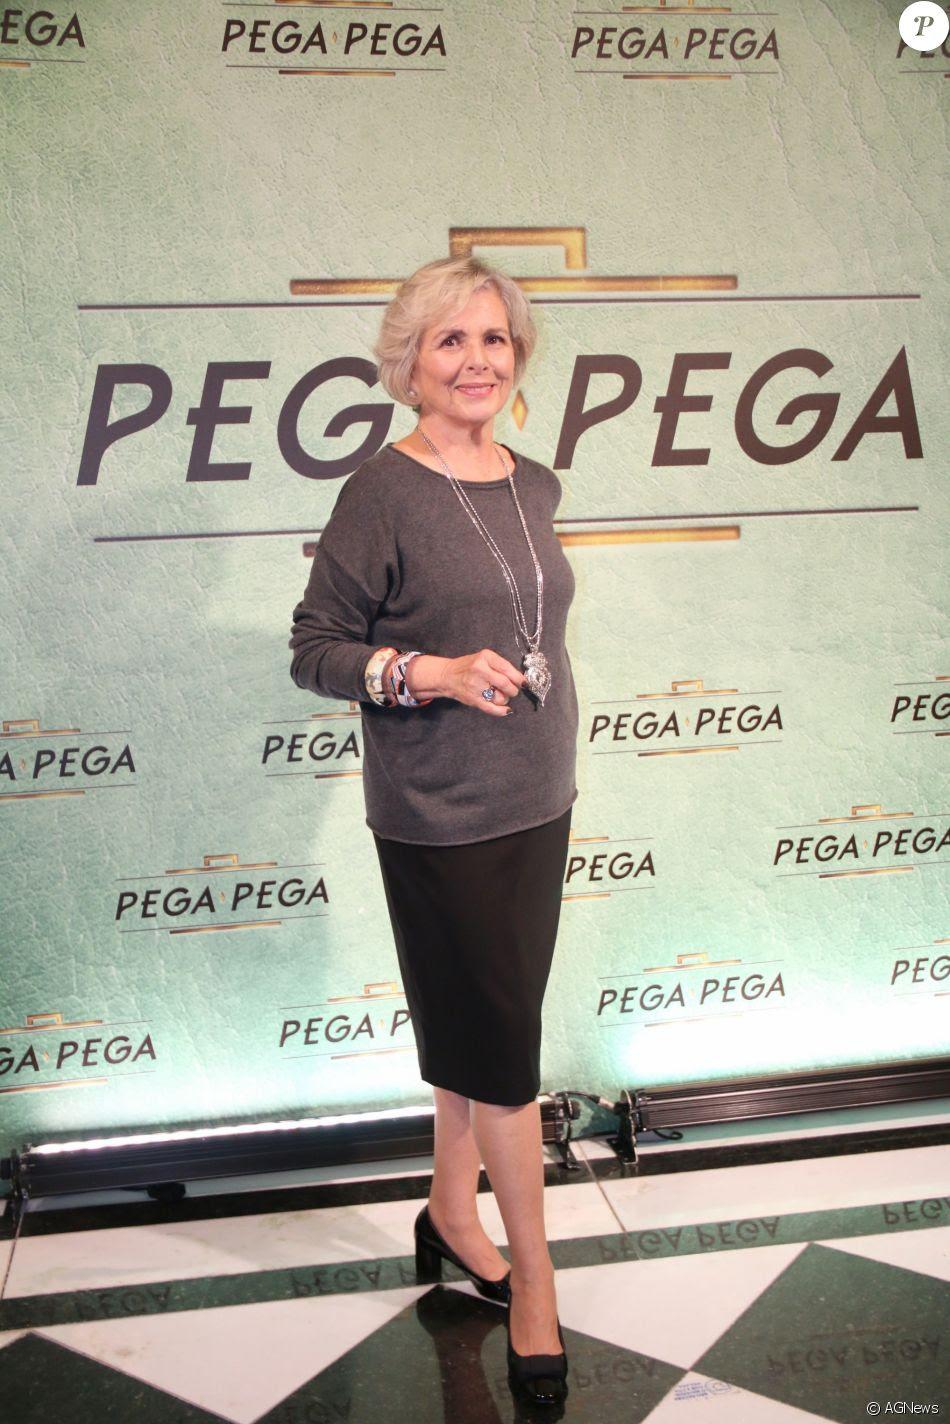 Irene Ravache na festa de lançamento da novela 'Pega Pega', nos Estúdios Globo, no Rio, nesta quinta-feira, 18 de maio de 2017